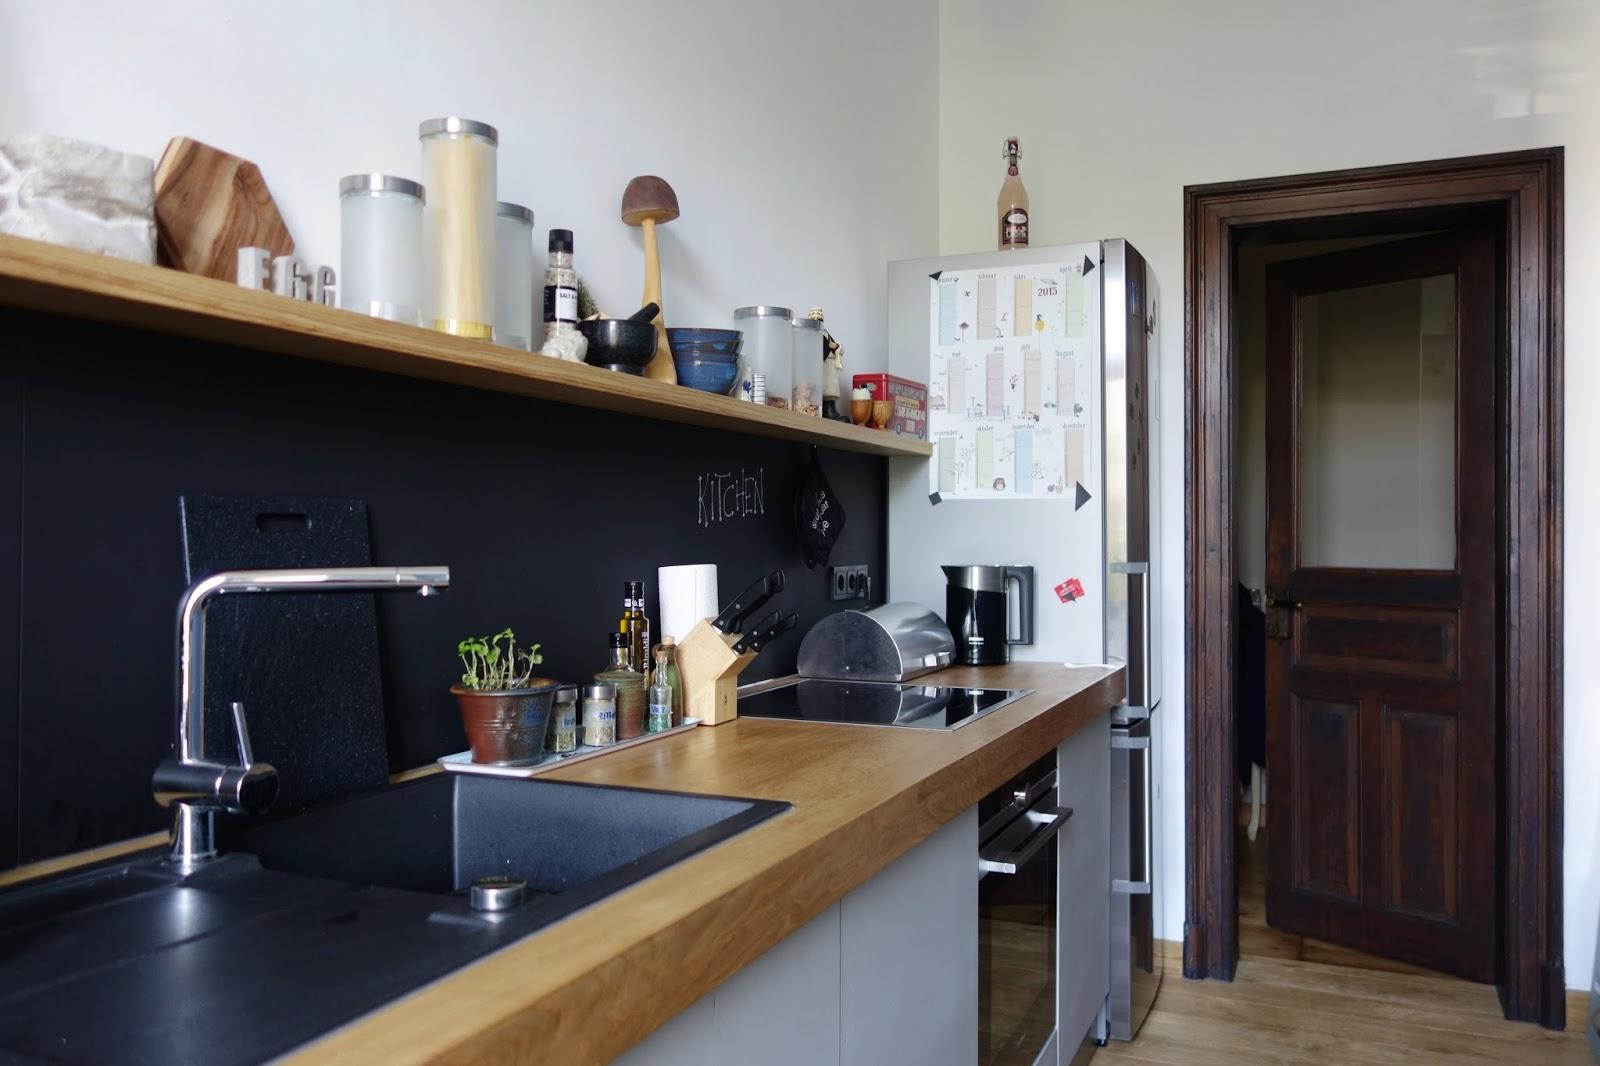 madolescent liebt ...: neue Küchendetails